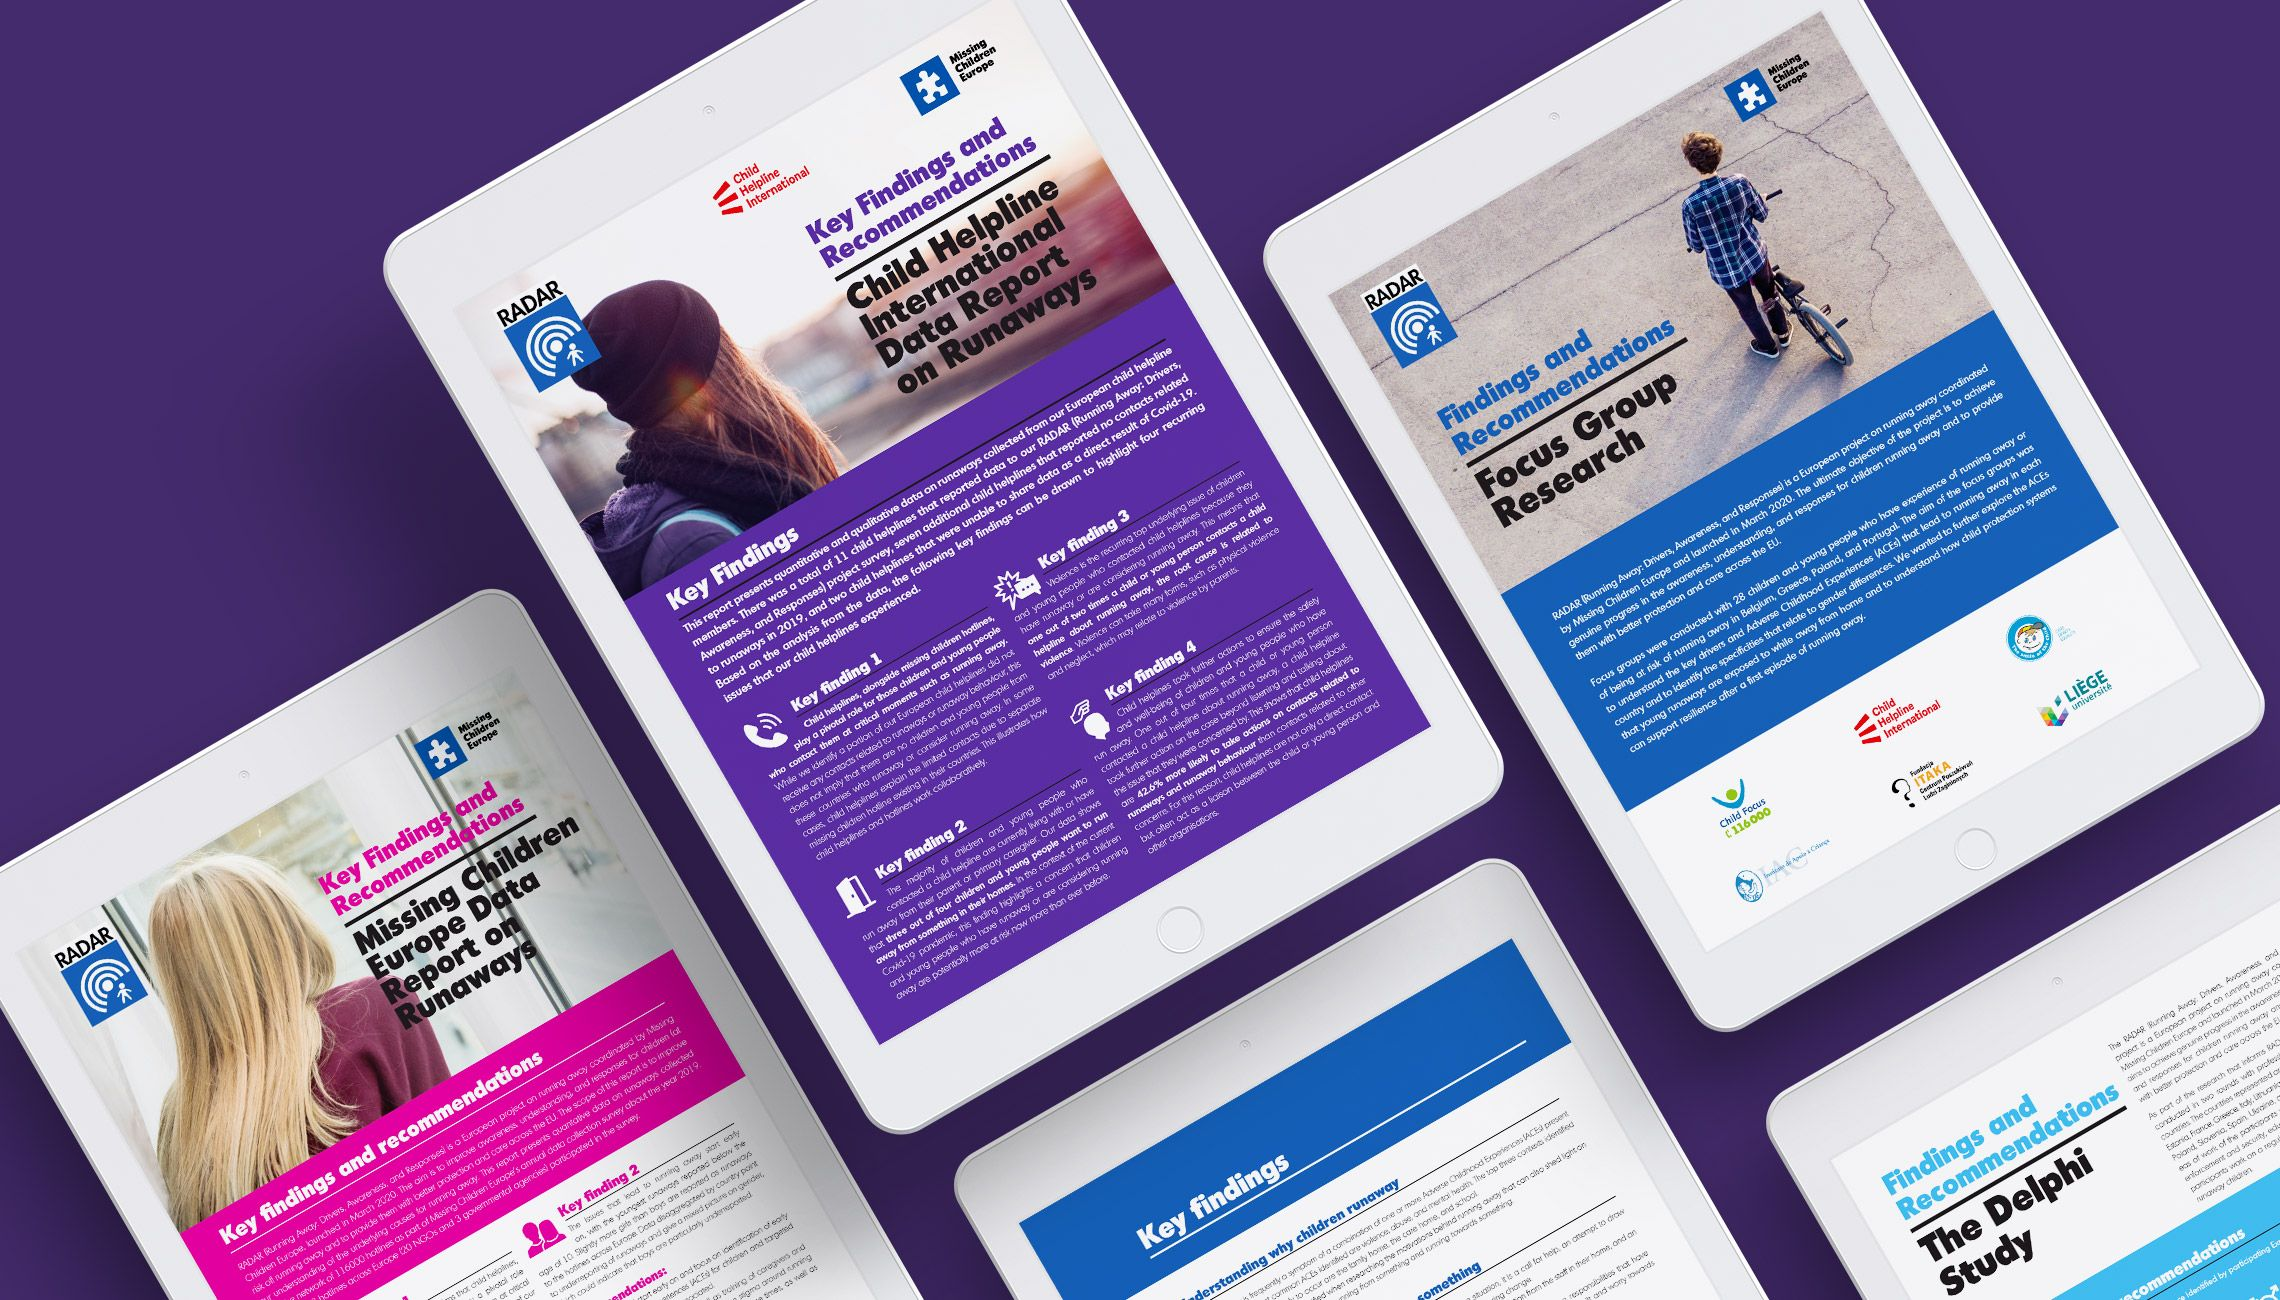 publication: Design of factsheets on missing kids - image 1